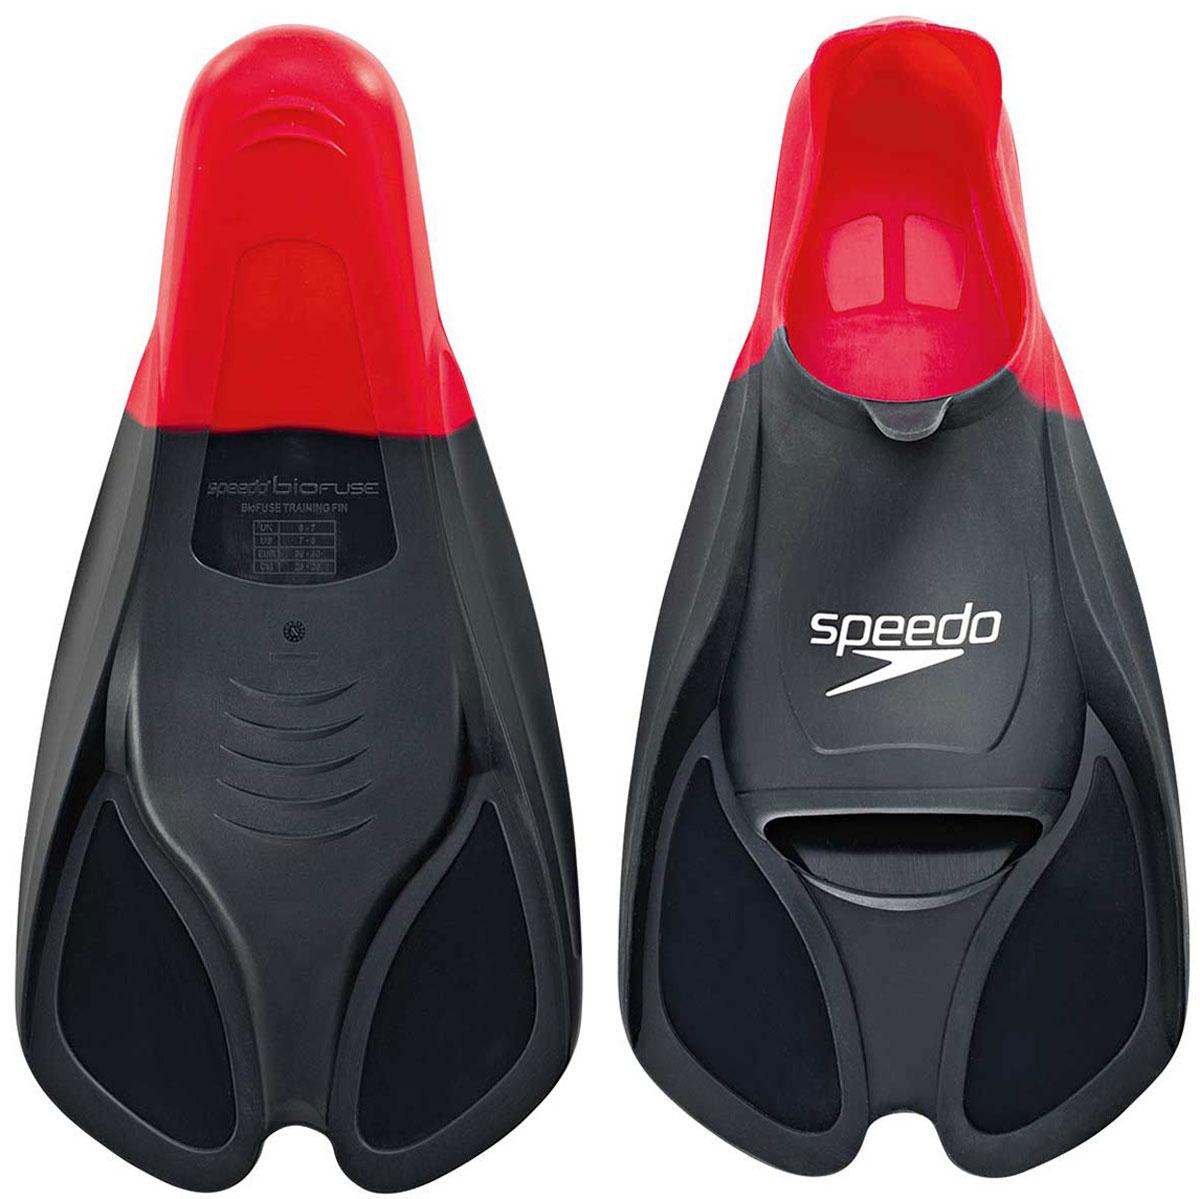 Ласты для плавания Speedo, цвет: красный. Размер 10-11. 8-088413991DRF-F367Ласты Speedo Biofuse Training Fins являются незаменимым аксессуаром для тренировки силы ног, при создании которого использовалась технология SpeedoBiofuse®. Неслучайно эти ласты для плавания предпочитает использовать многократный олимпийский чемпион Майкл Фелпс. Достаточно жесткие лопасти позволяют создать мощную тягу в воде при естественном темпе работы ног. Специальный узор на поверхности подошвы позволяет получить надежное сцепление с поверхностью бассейна. Форма башмака Speedo Biofuse Training Fin способствует развитию гибкости стопы, что позволяет сделать работу ног более эффективной. Башмак изготовлен из мягкого силикона, который не натирает кожу и прекрасно растягивается. Ласты для плавания Speedo Biofuse Tech Fin отлично подходят для тренировки работы ног в спринте, а также для повышения качества работы ног во время обучения плаванию.Специалисты Proswim.ru рекомендуют Speedo Biofuse Training Fin спортсменам-спринтерам, а также всем, кто имеет желание увеличить силу ног. Ласты для плавания станут вашим лучшим помощником на пути совершенствования работы ног.